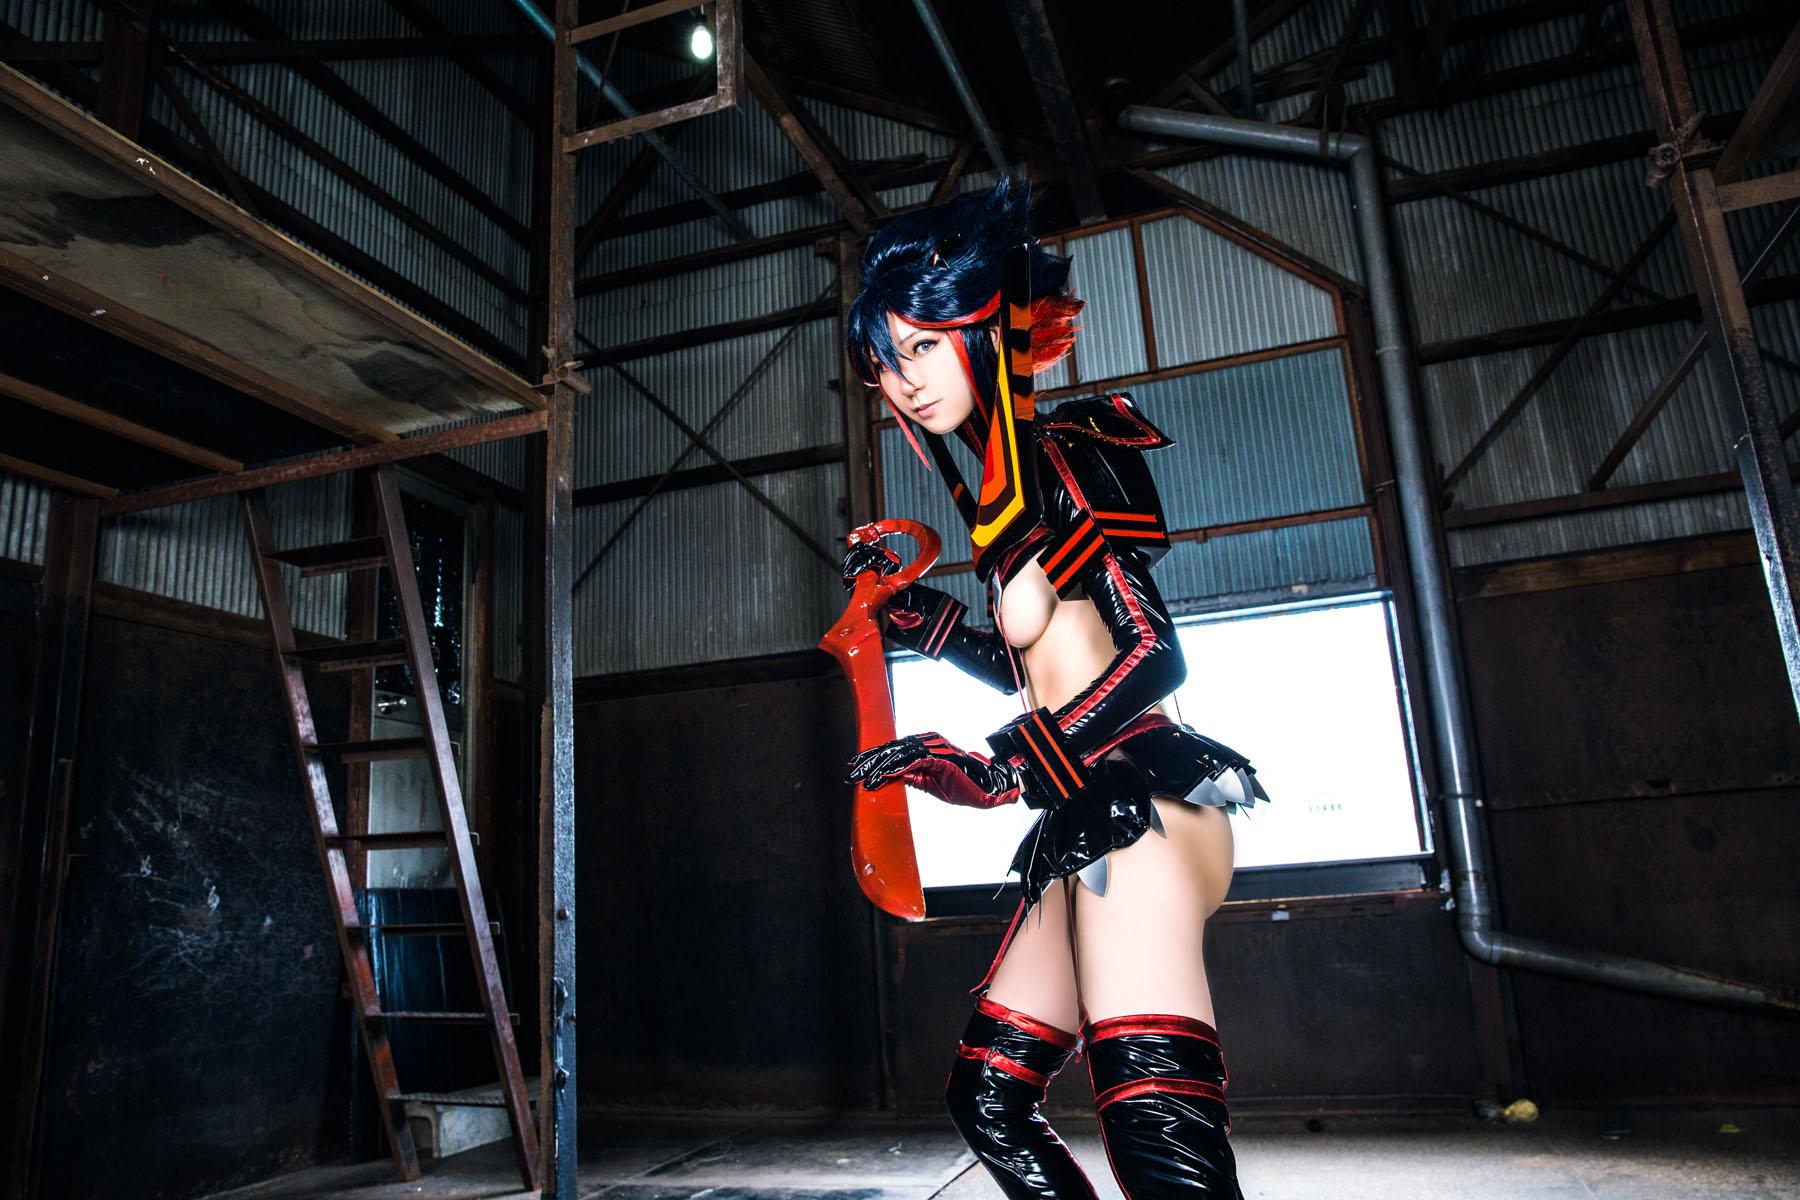 Kill la Kill Ryuuko Matoi anime cosplay by Mikehouse 0083